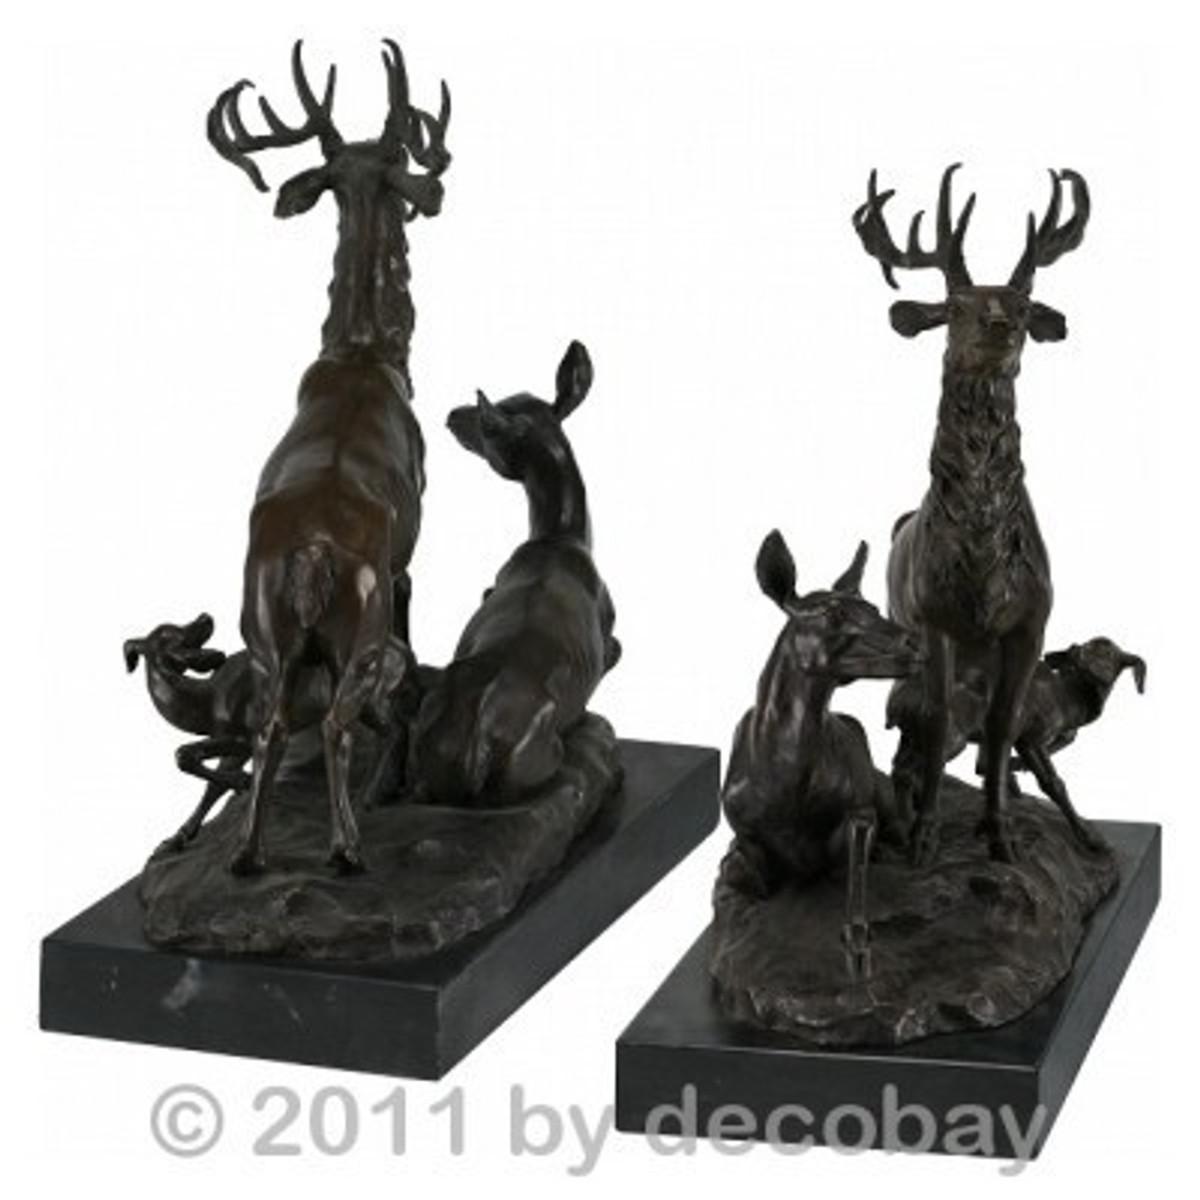 Figuren im Garten Hirsche Familie Bronze Skulptur online zum Spitzenpreis bestellen und auf schnelle Lieferung freuen.